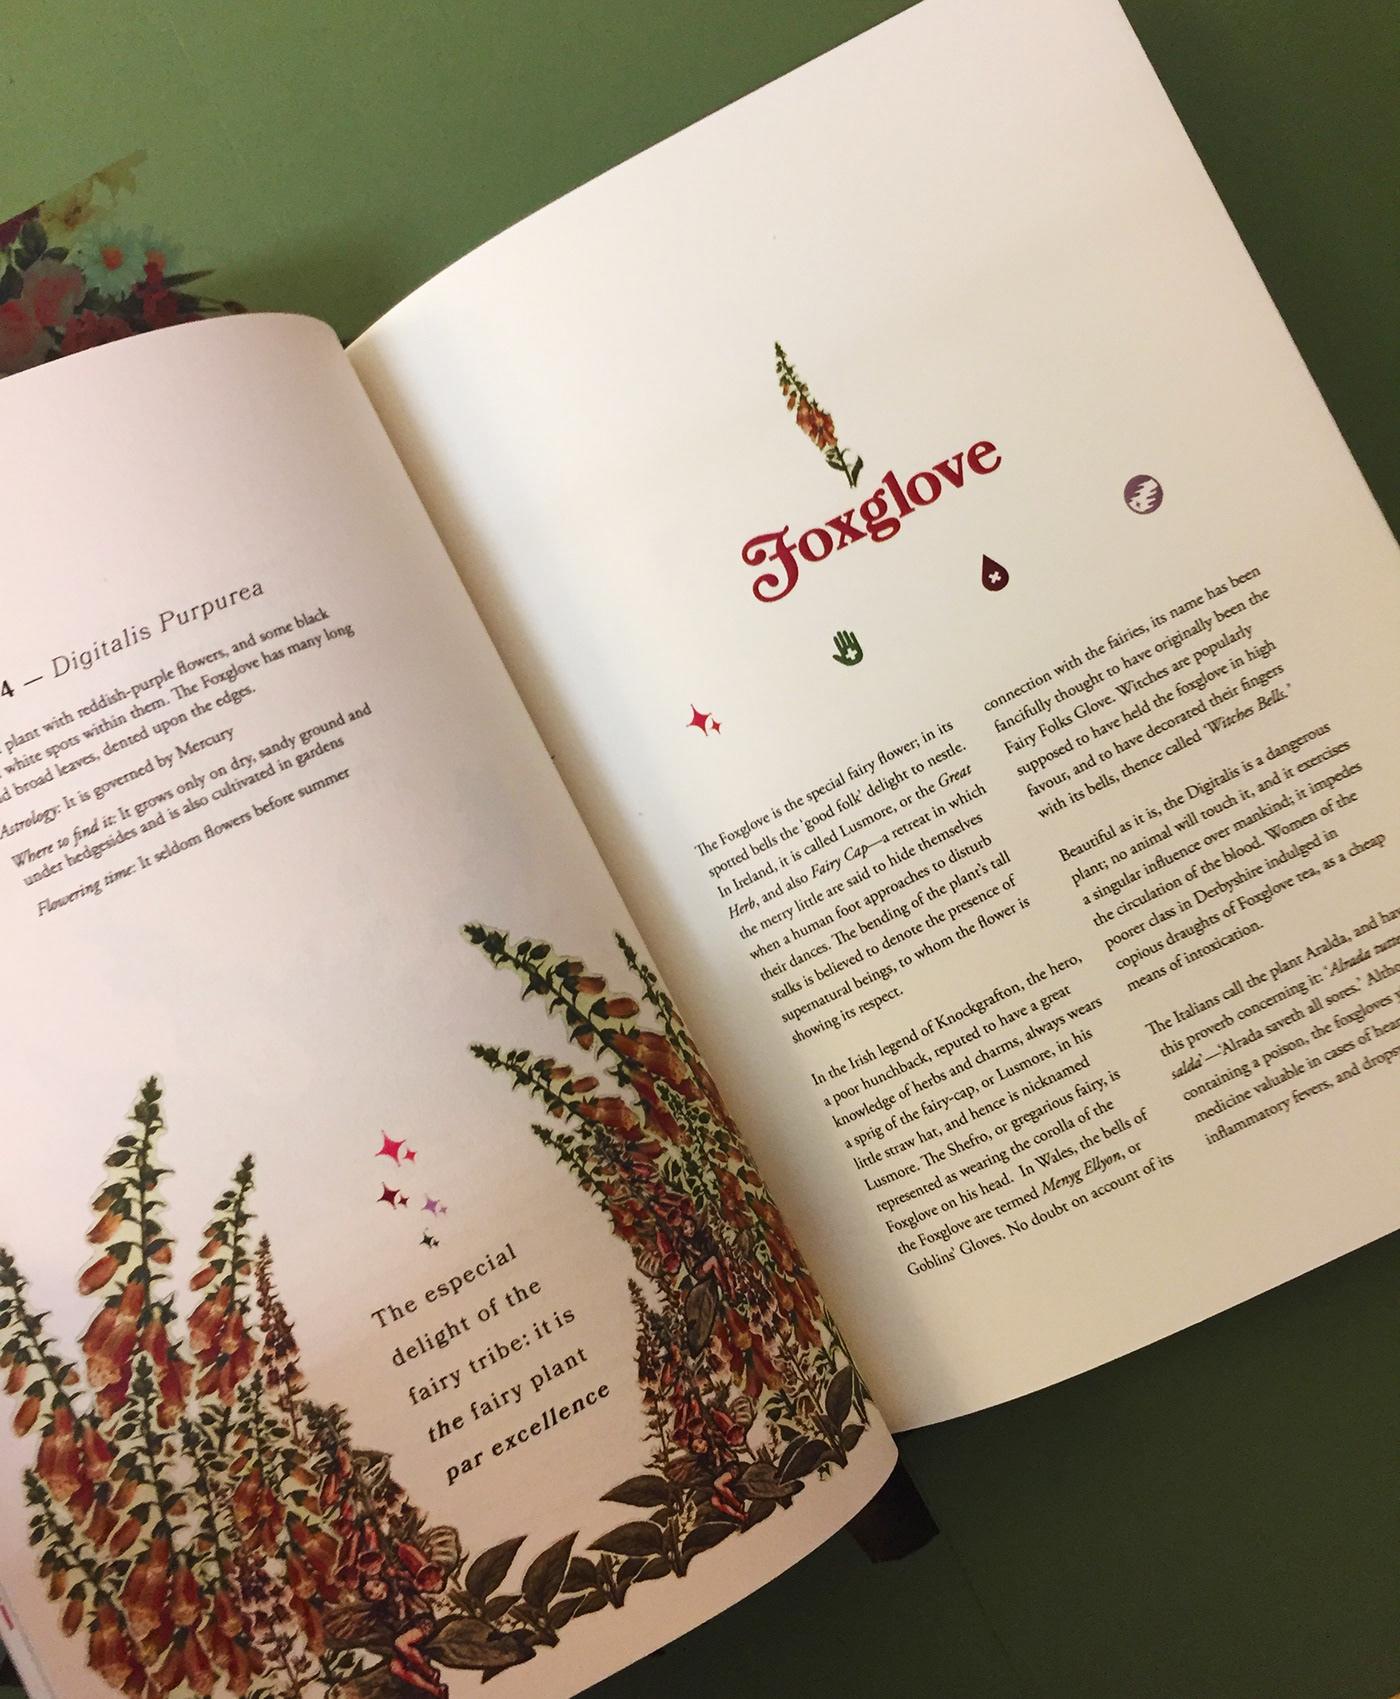 Herbarium of folklore superstition on behance herbarium of folklore superstition izmirmasajfo